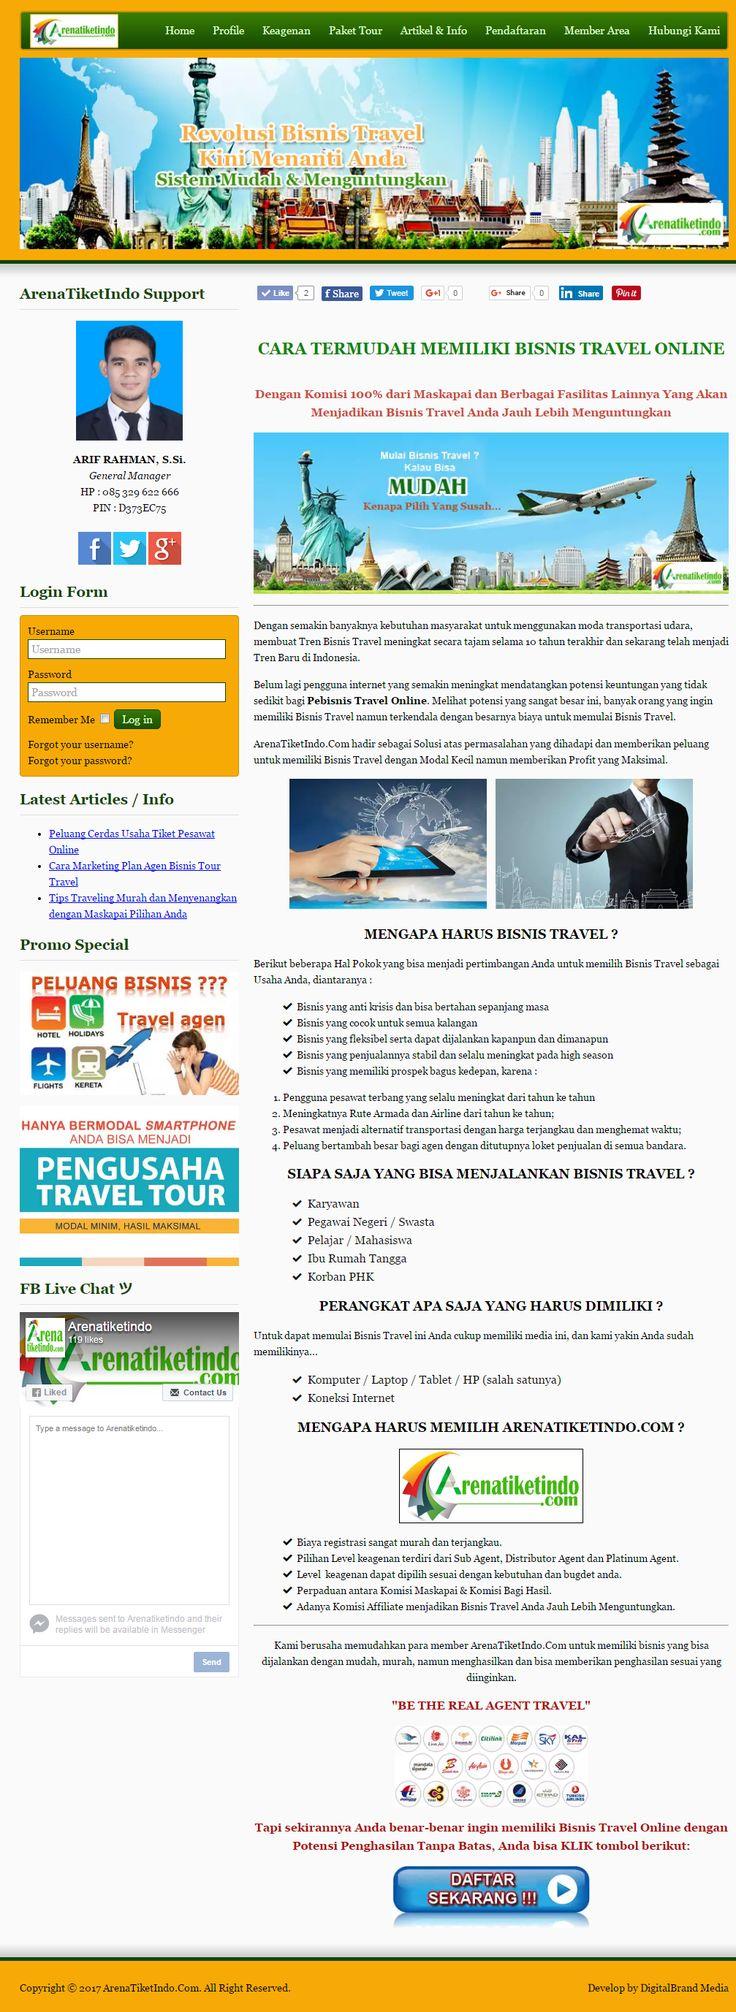 ArenaTiketIndo. Website bisnis dengan desain simple elegan. Website B2B (Business to Business) memberikan kemudahan bagi bisnis tour travel untuk melengkapi bisnisnya dengan bisnis tiket online.